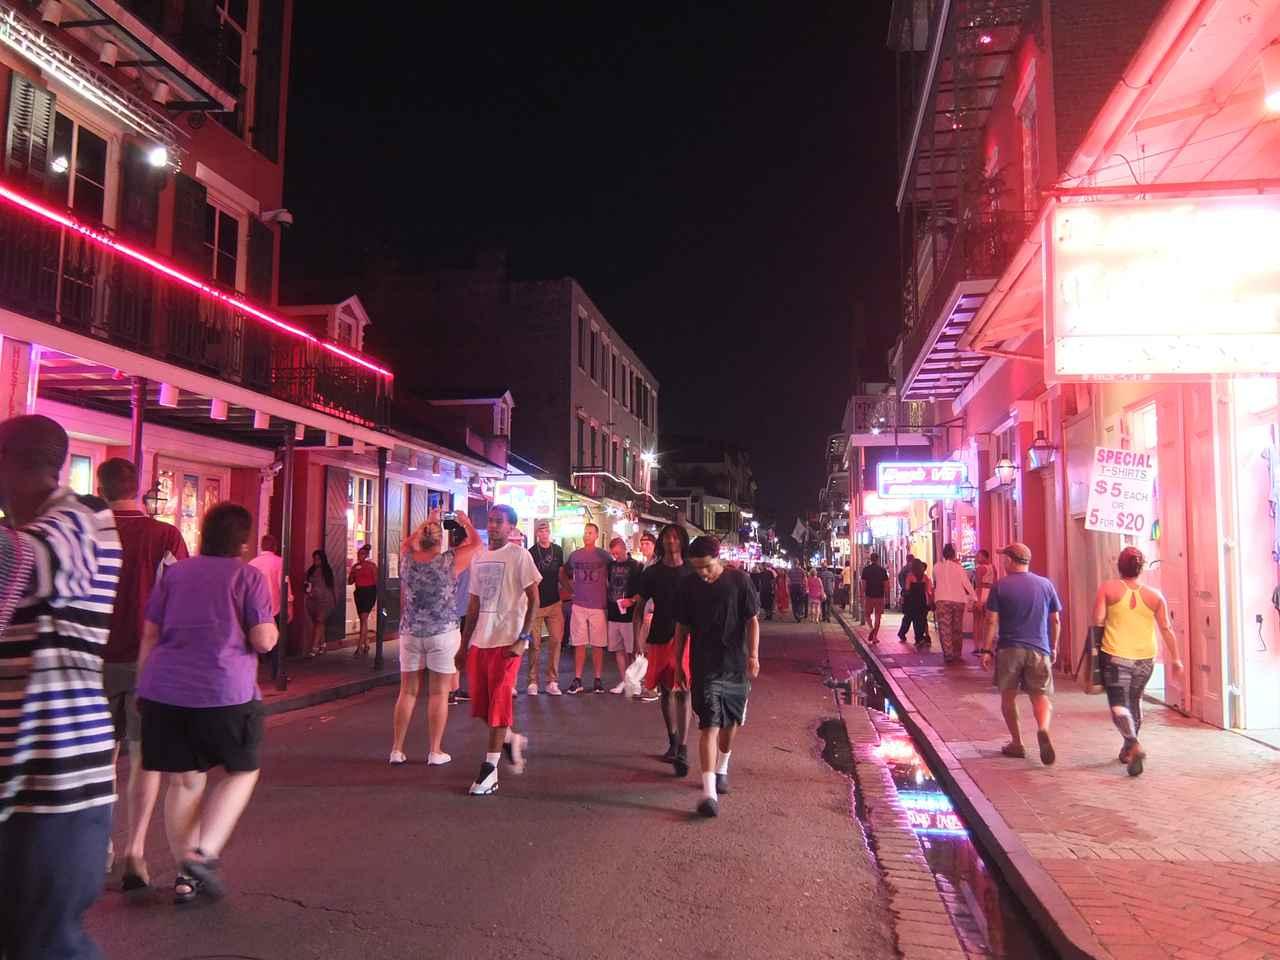 画像: ジャズクラブで賑わうバーボンストリート(イメージ)